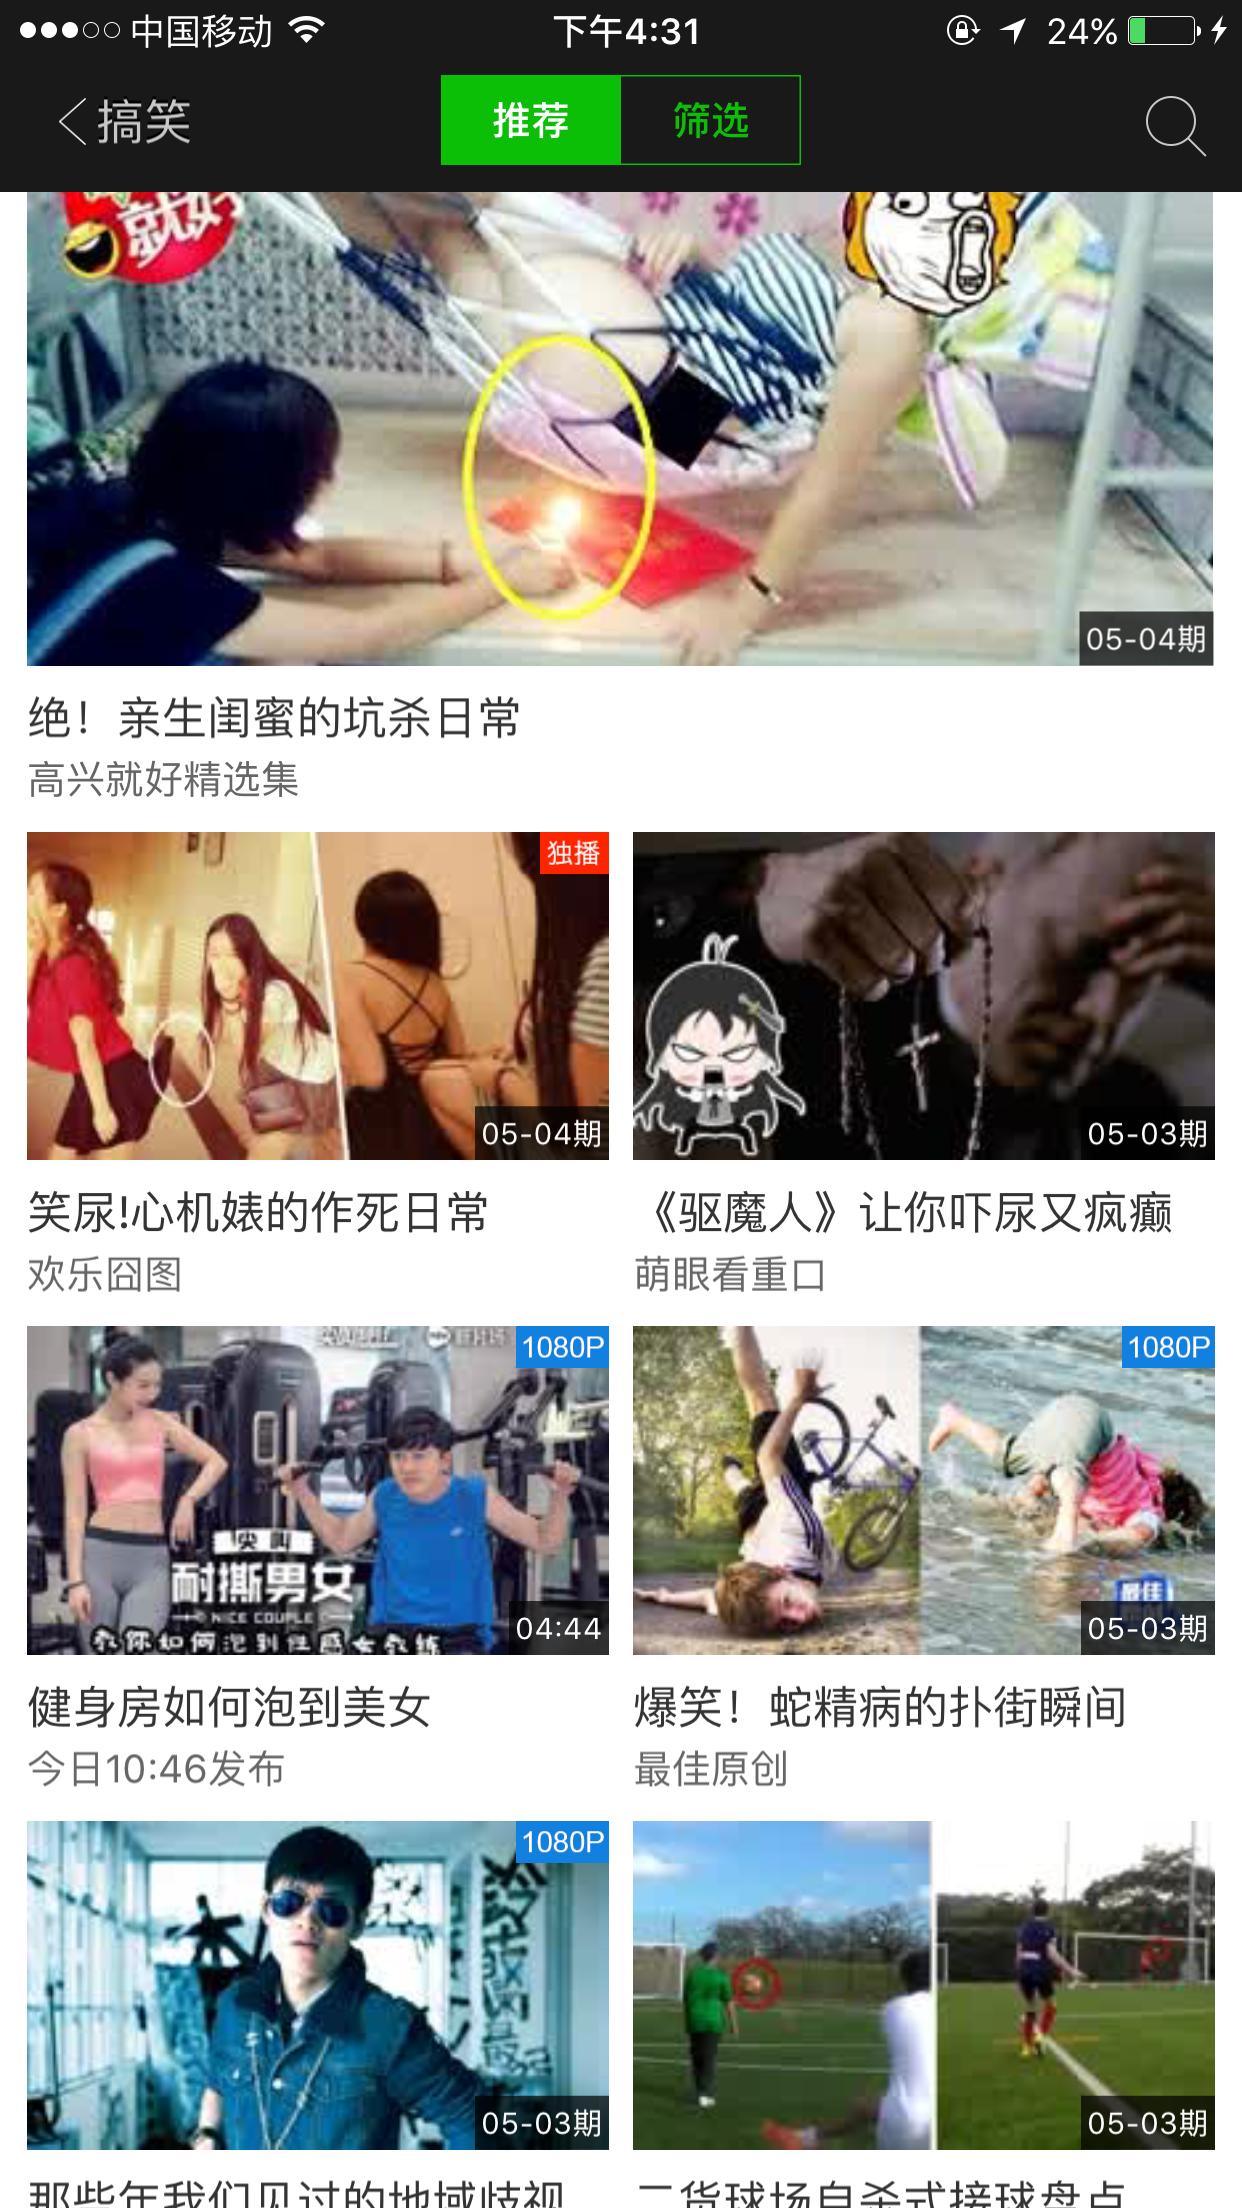 耐撕男女04 爱奇艺app搞笑频道大图推荐